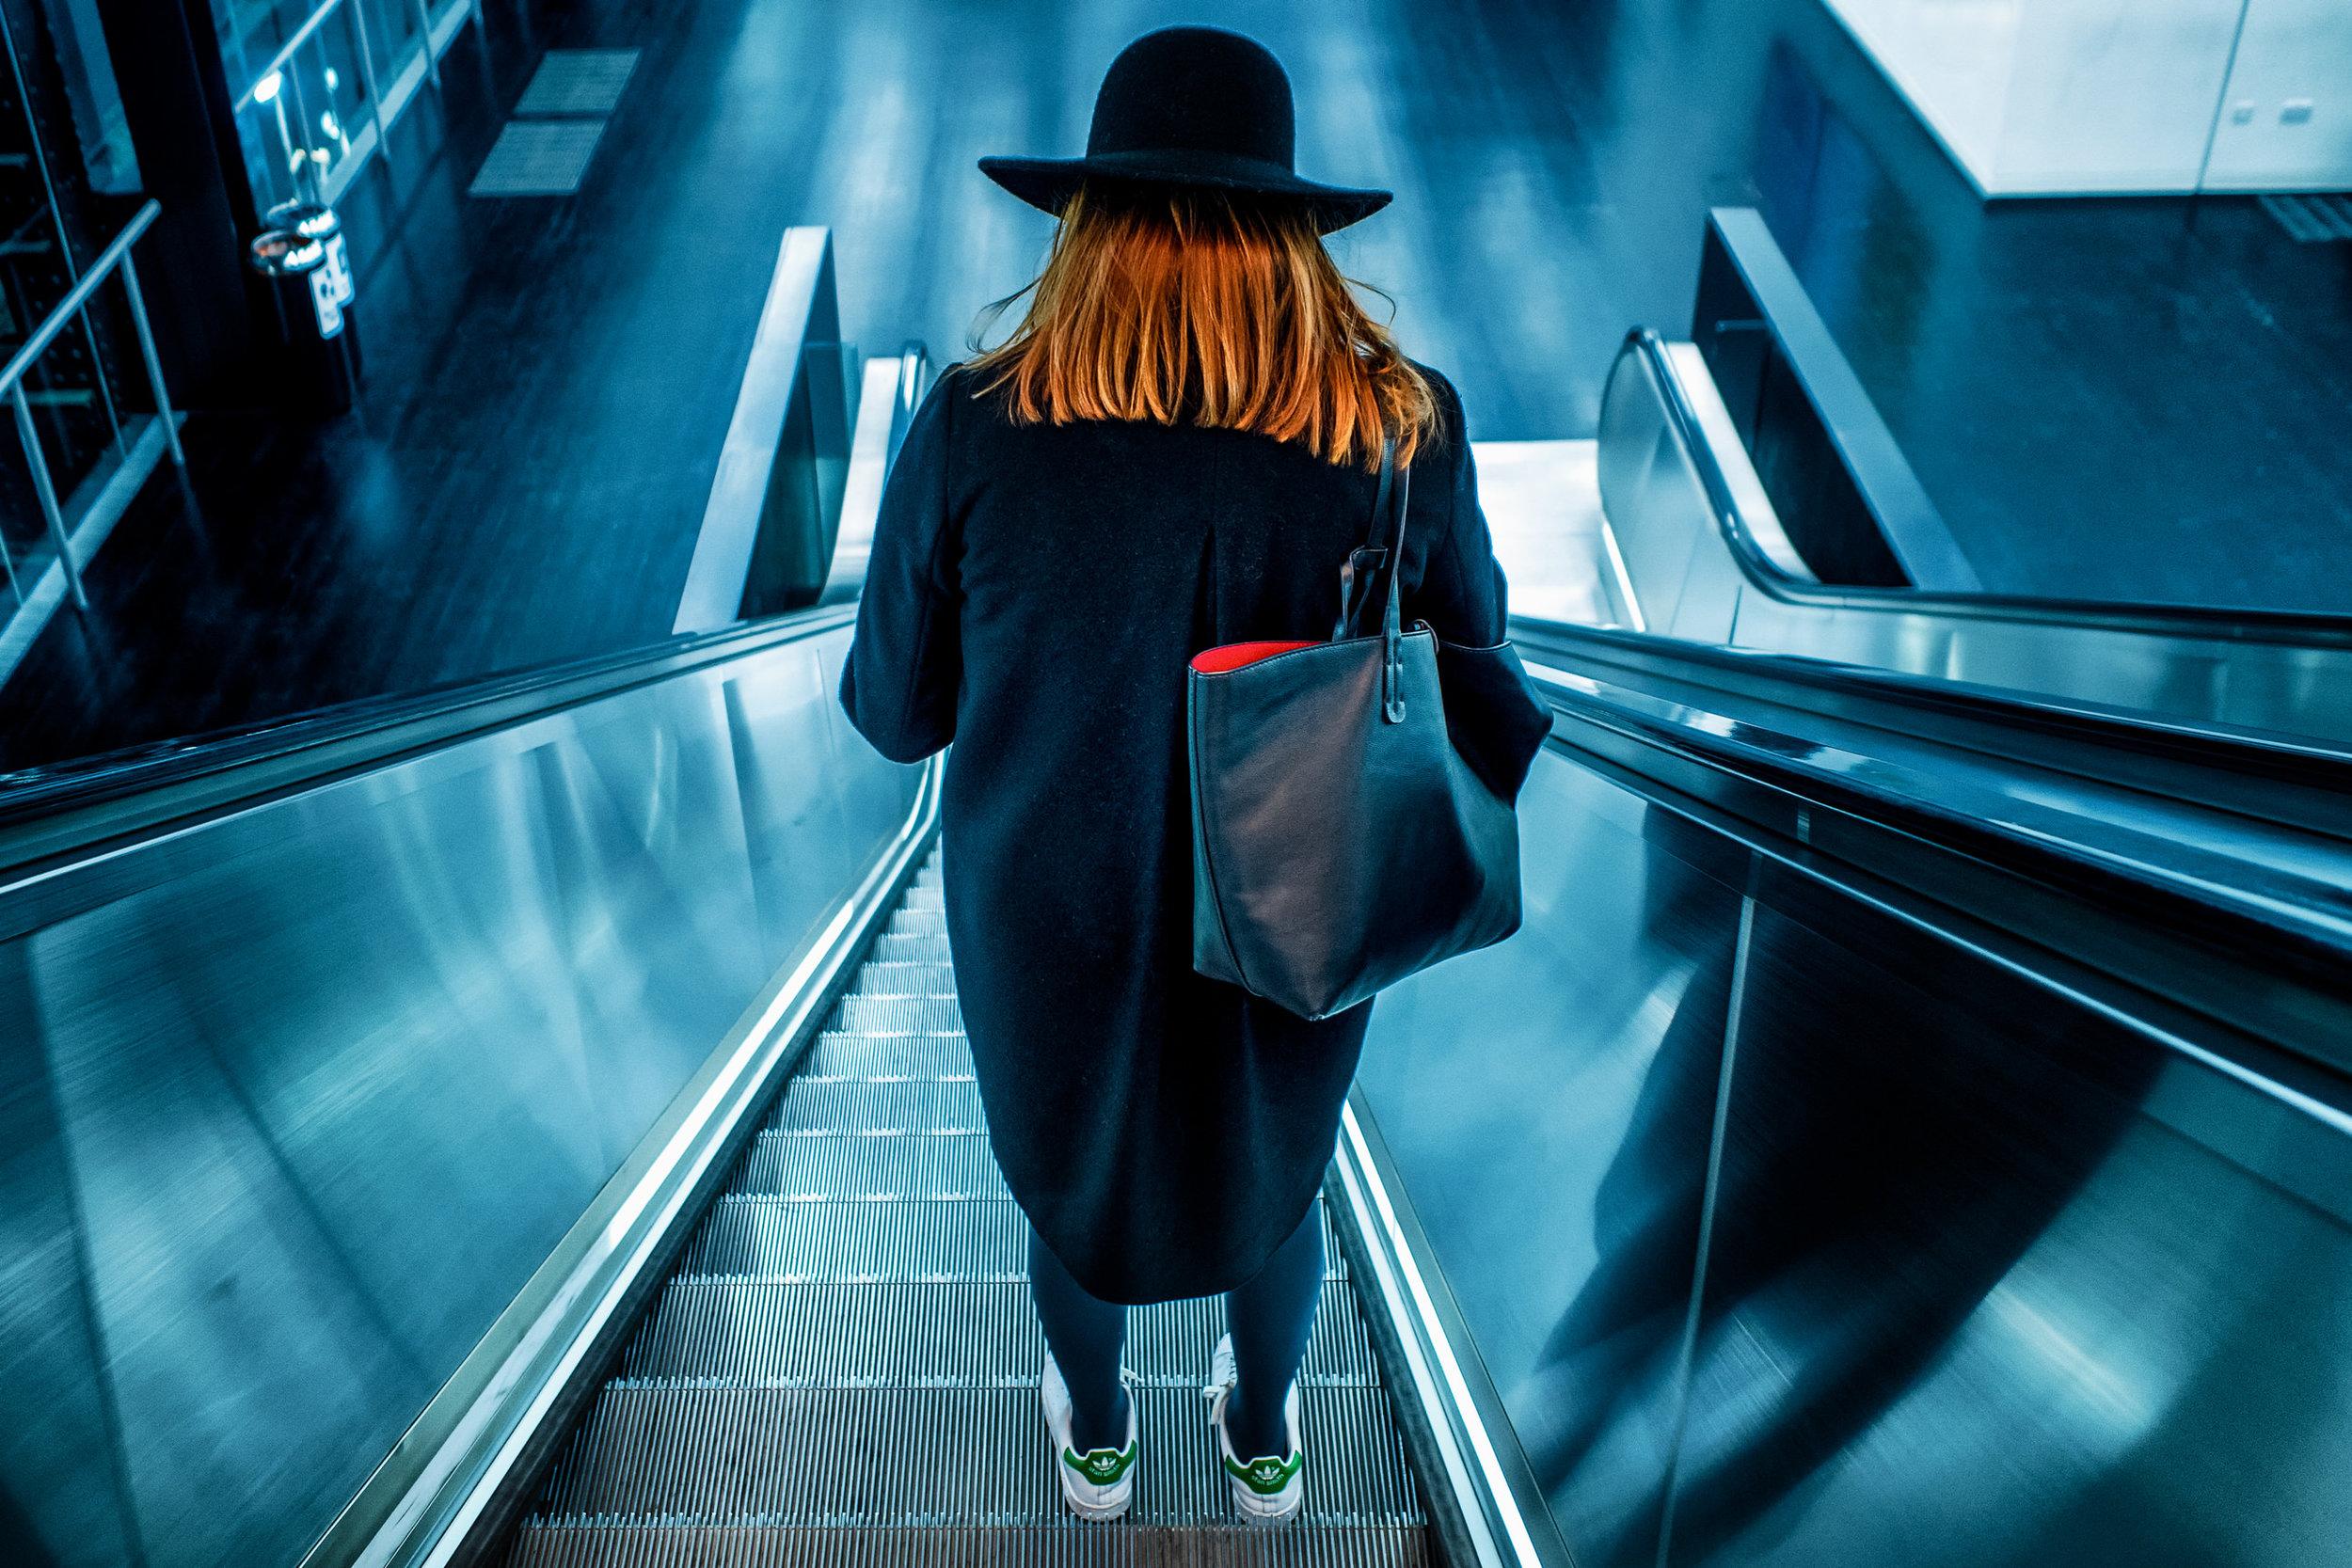 Fire & Ice - Taken at Tate Modern, London